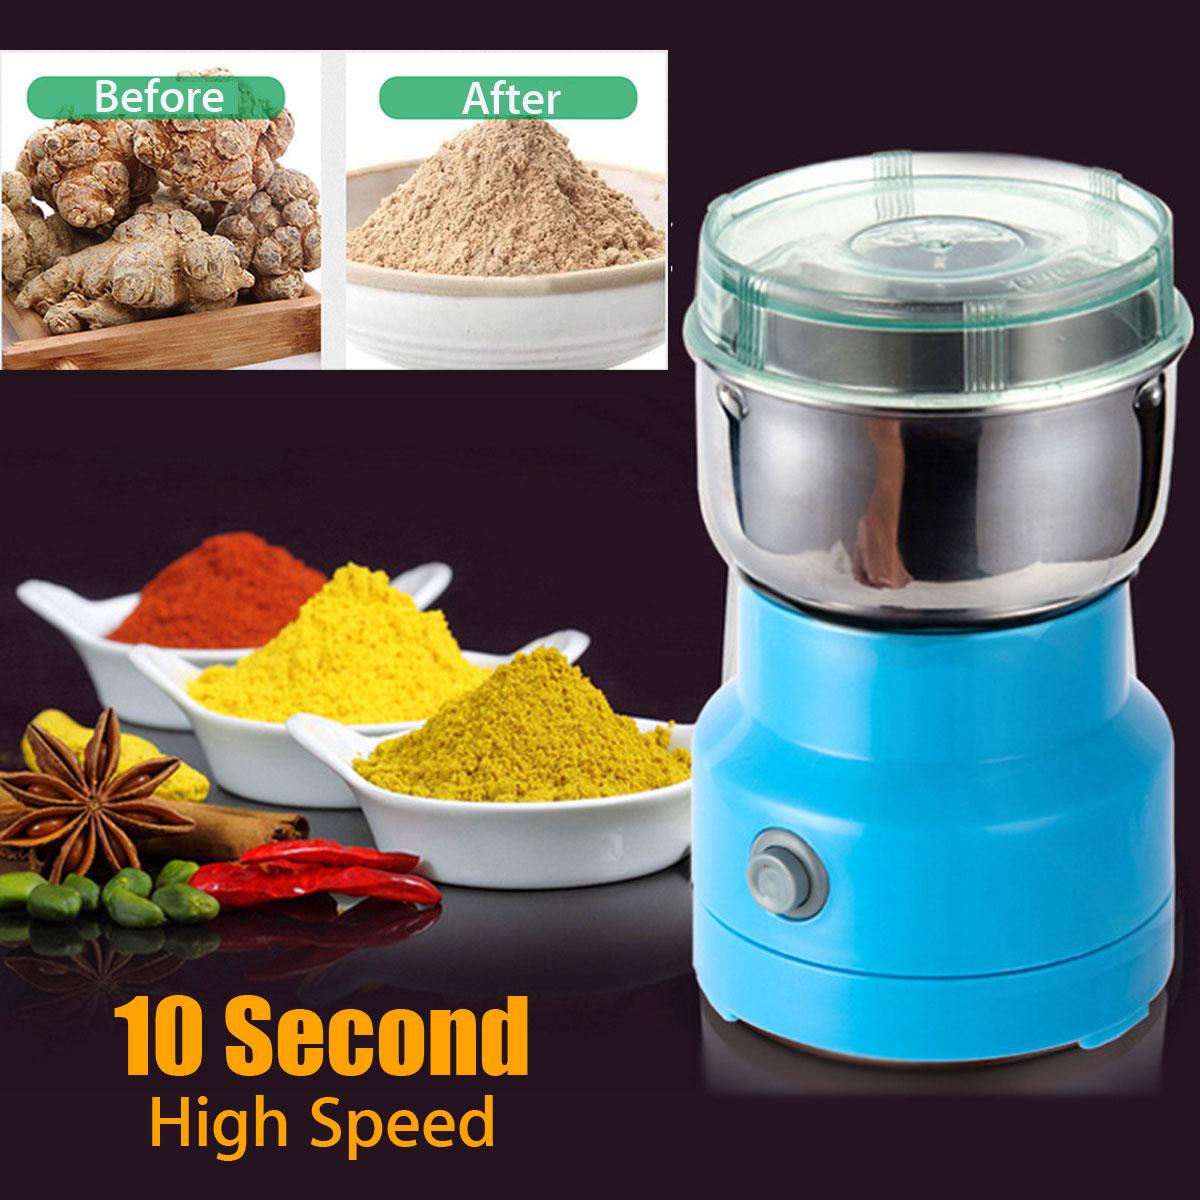 Warmtoo nouvelles herbes électriques épices noix Grains café grain broyeur moulin meulage bricolage outil maison médecine farine poudre broyeur|Moulins à café électriques| |  -